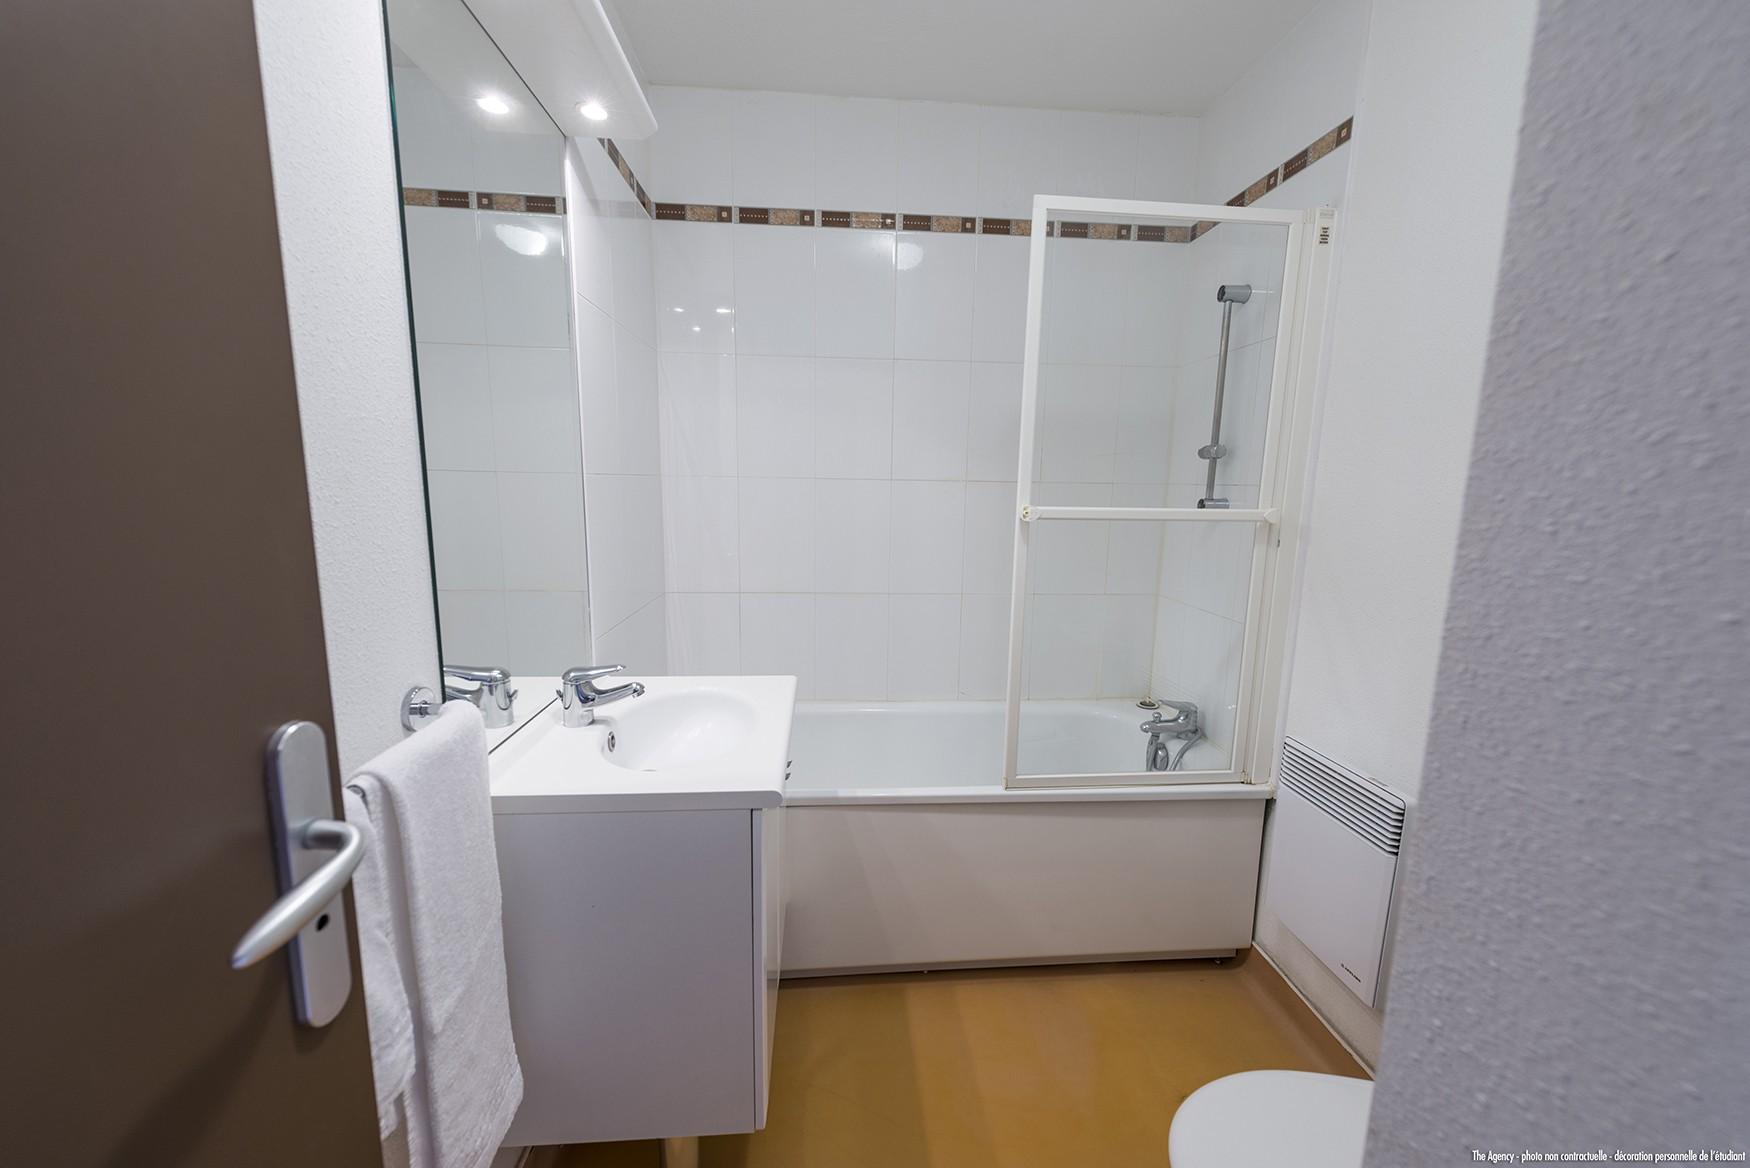 image  2019 06 21 residence etudiante suitetudes nevers salle de bain